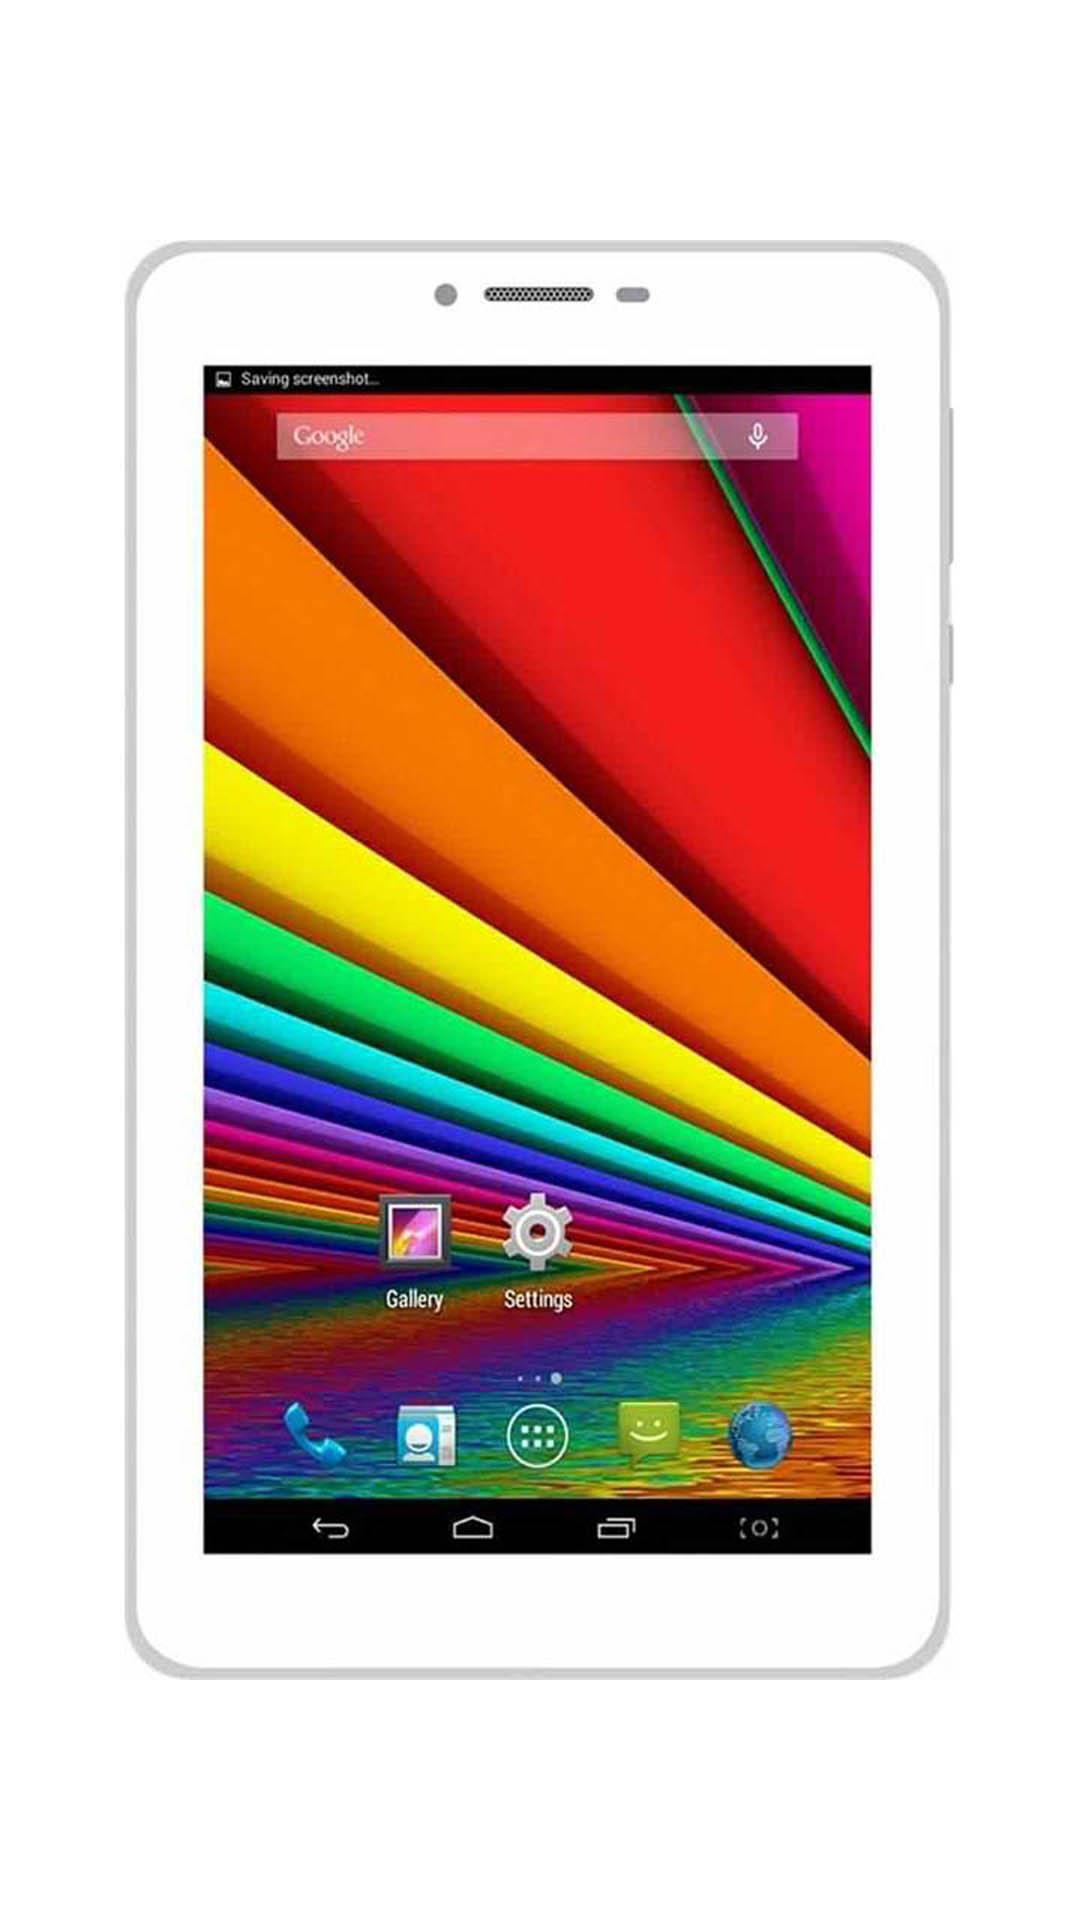 UNI N2 Tablet 4 GB (White & Silver) Paytm Mall Rs. 2669